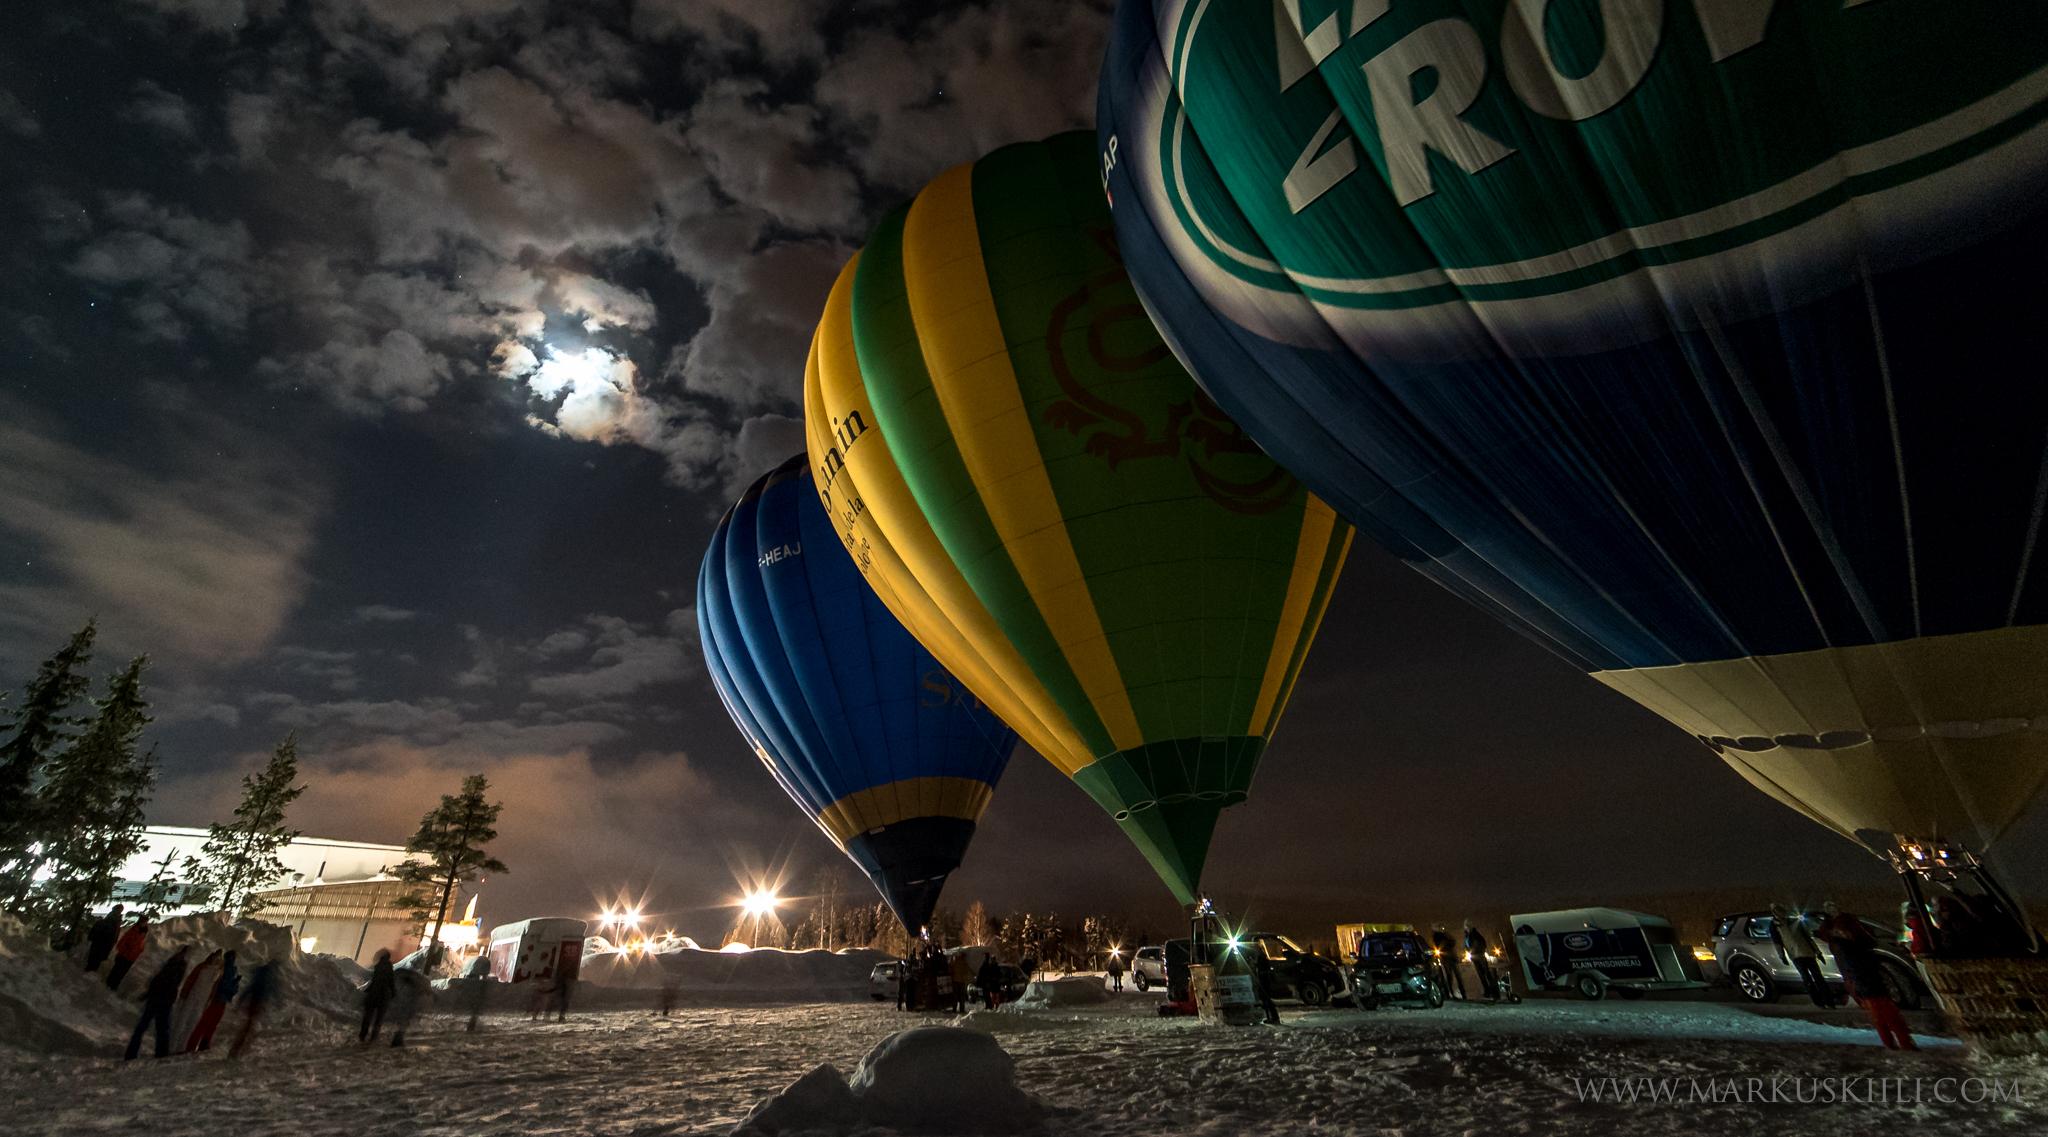 Popular Wallpaper Night Hot Air Balloon - hot-air-ballooning-hot-air-balloon-sky-atmosphere-of-earth-atmosphere-night-Tourism-cloud-world-computer-wallpaper-898628  HD-915715.jpg